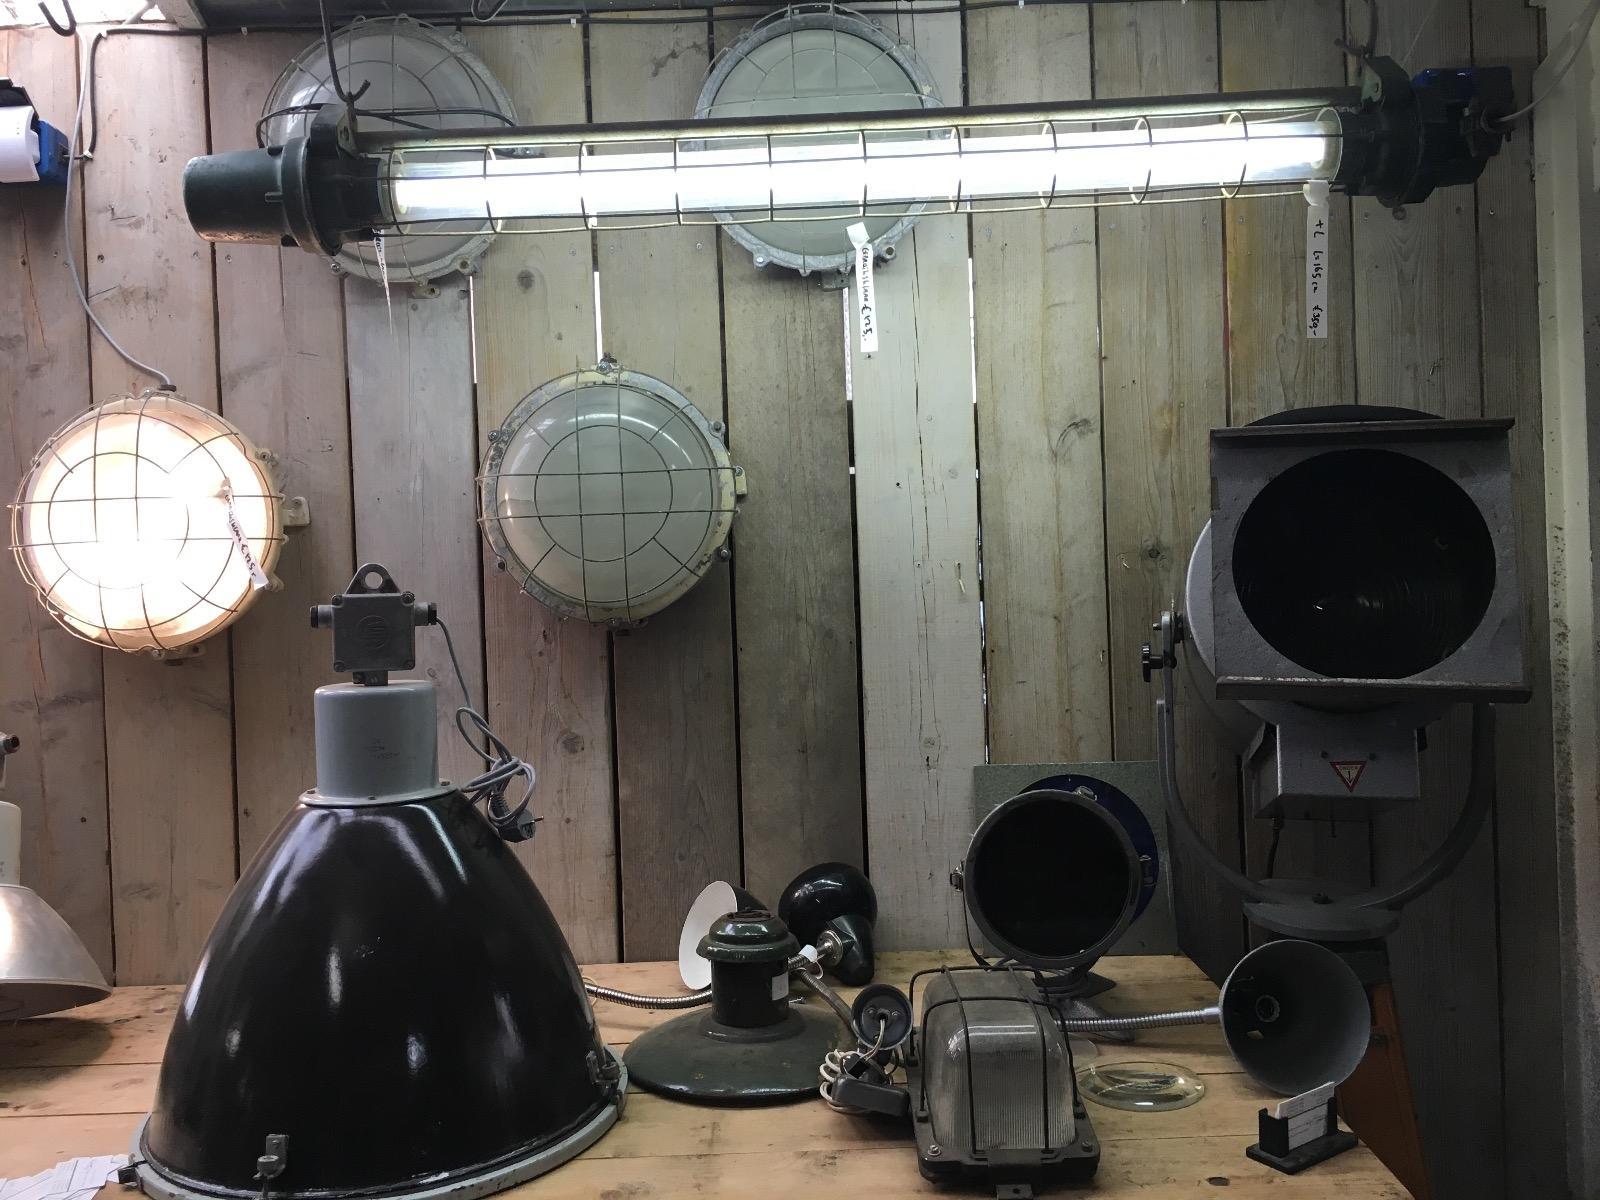 Bureau Hang Tl Lamp.Burbri